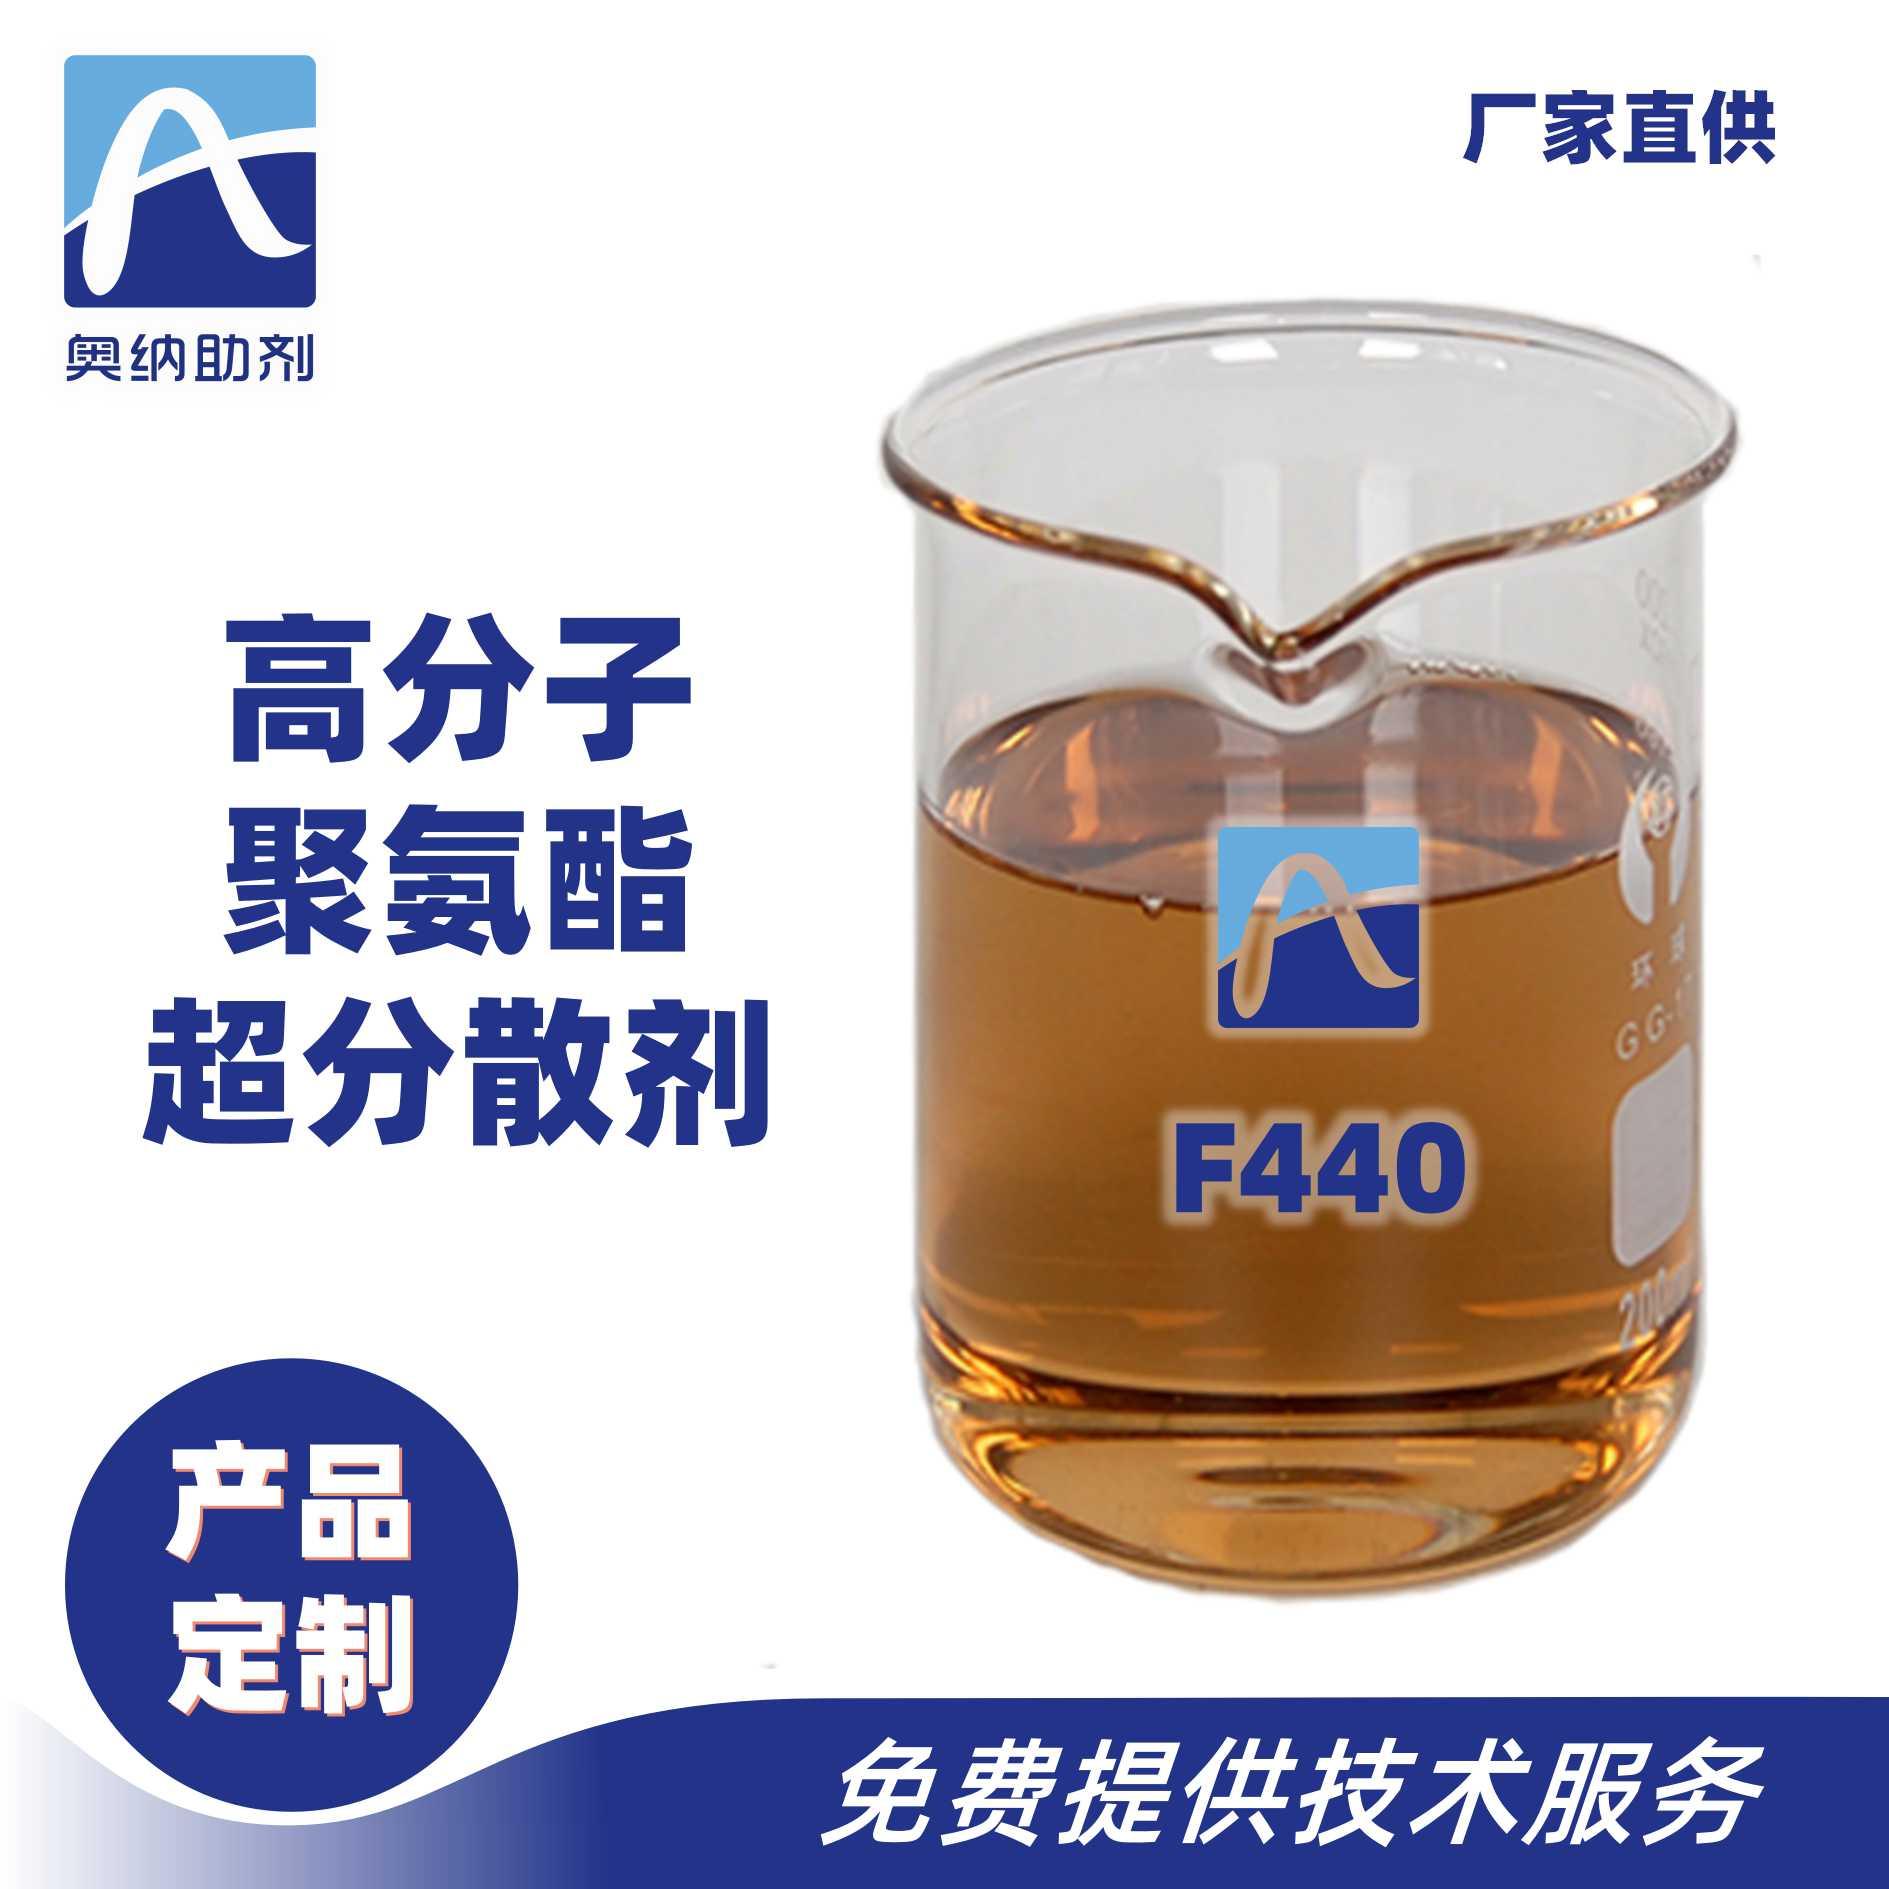 高分子聚氨酯超分散剂  F440